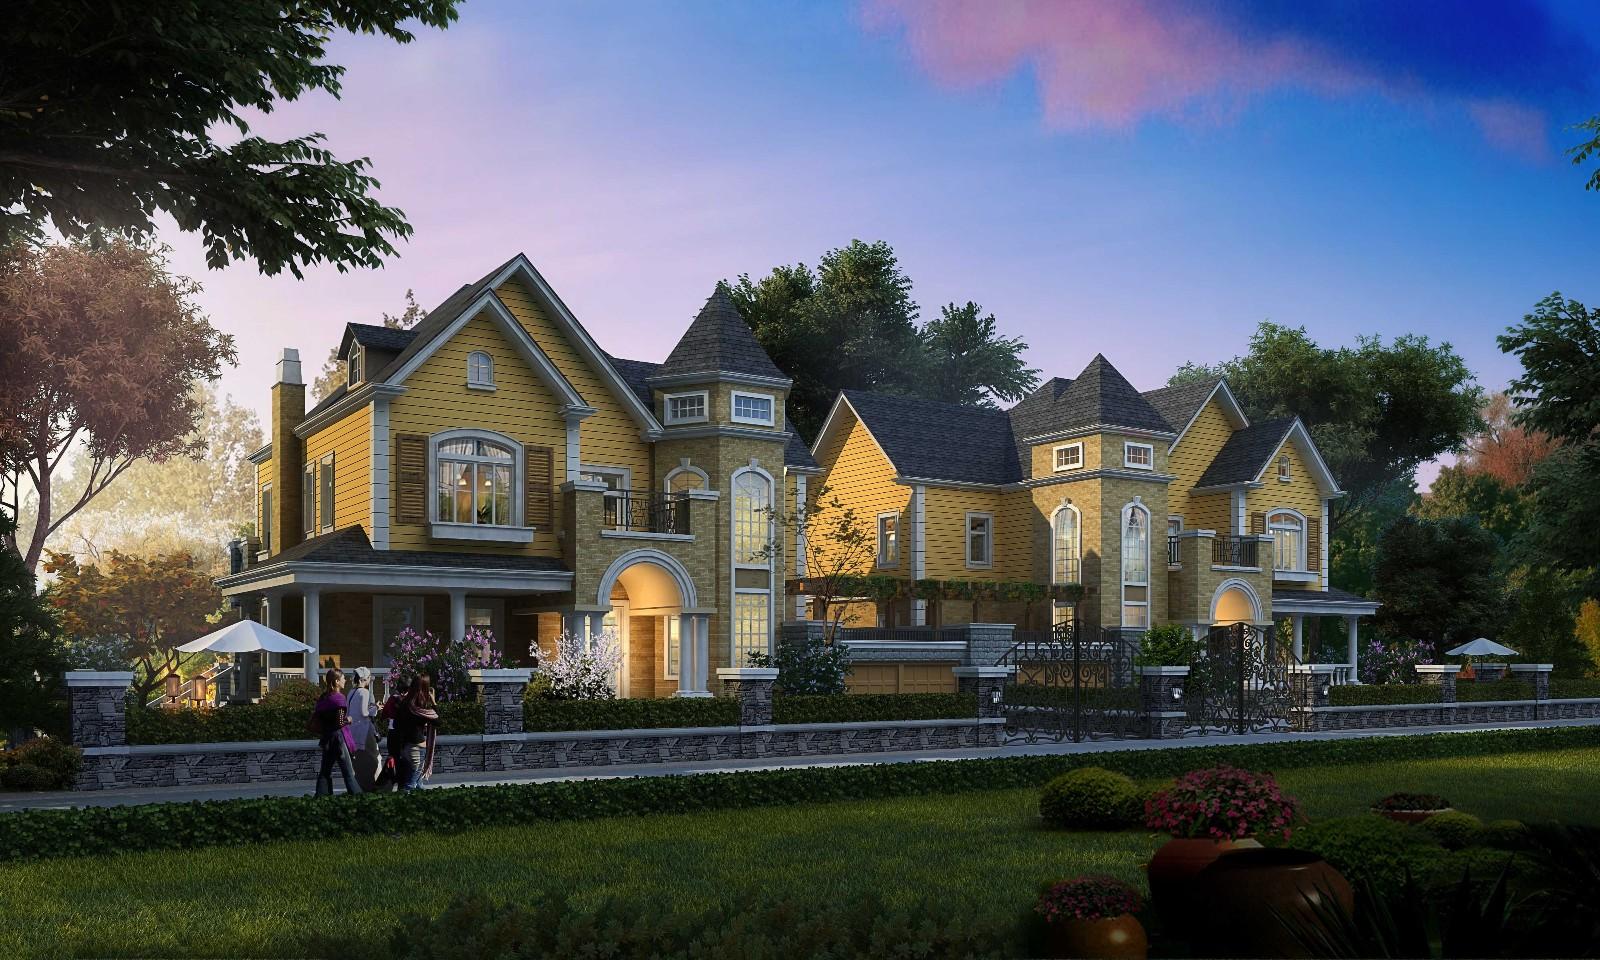 (大窗,阁楼,四坡屋顶,丰富的色彩和流畅的线条,北美风情原味呈现,为